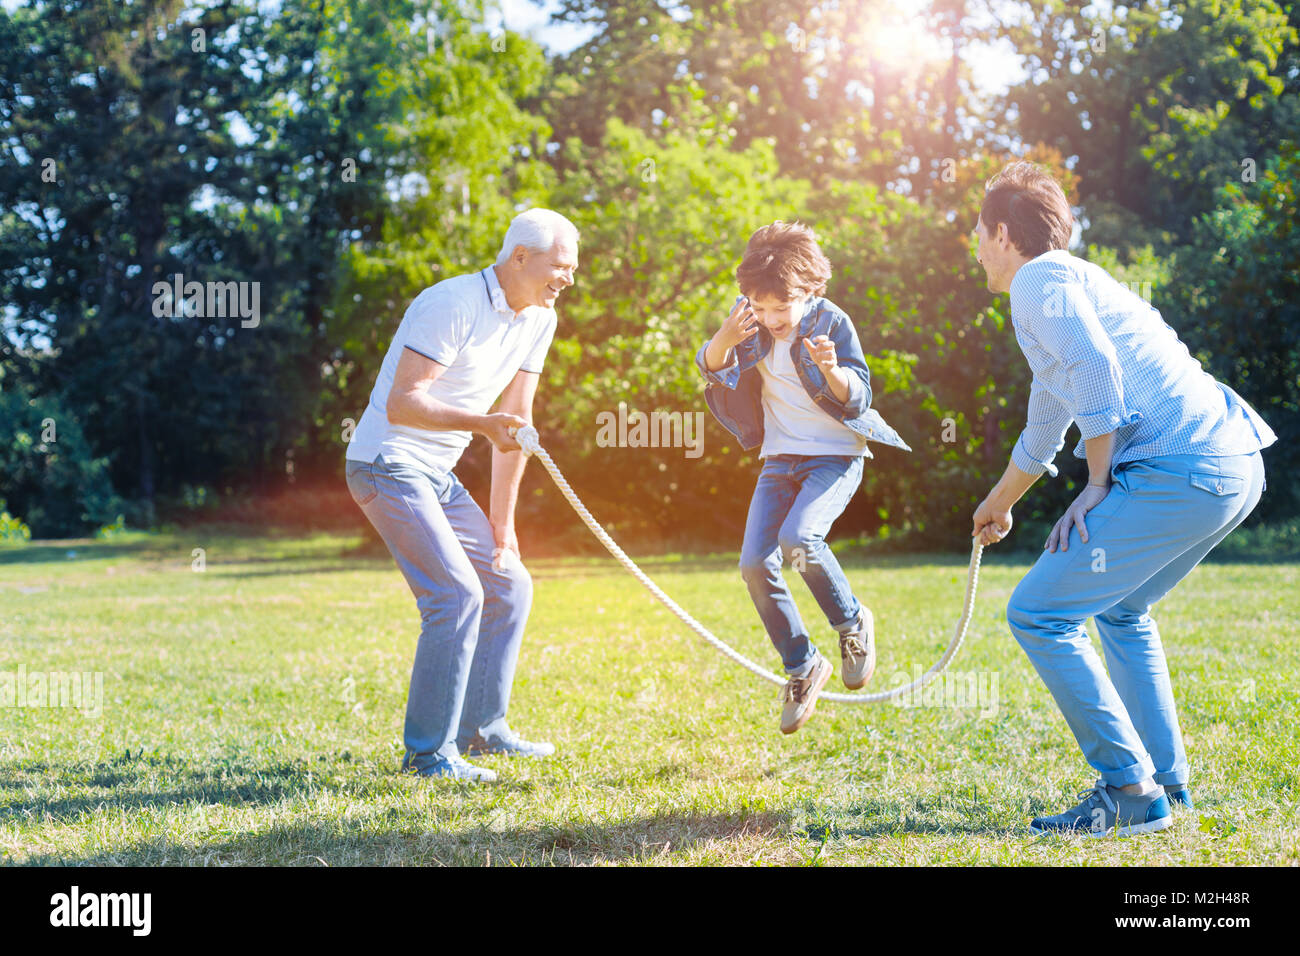 Soutien de la famille jouant avec corde dans park Photo Stock